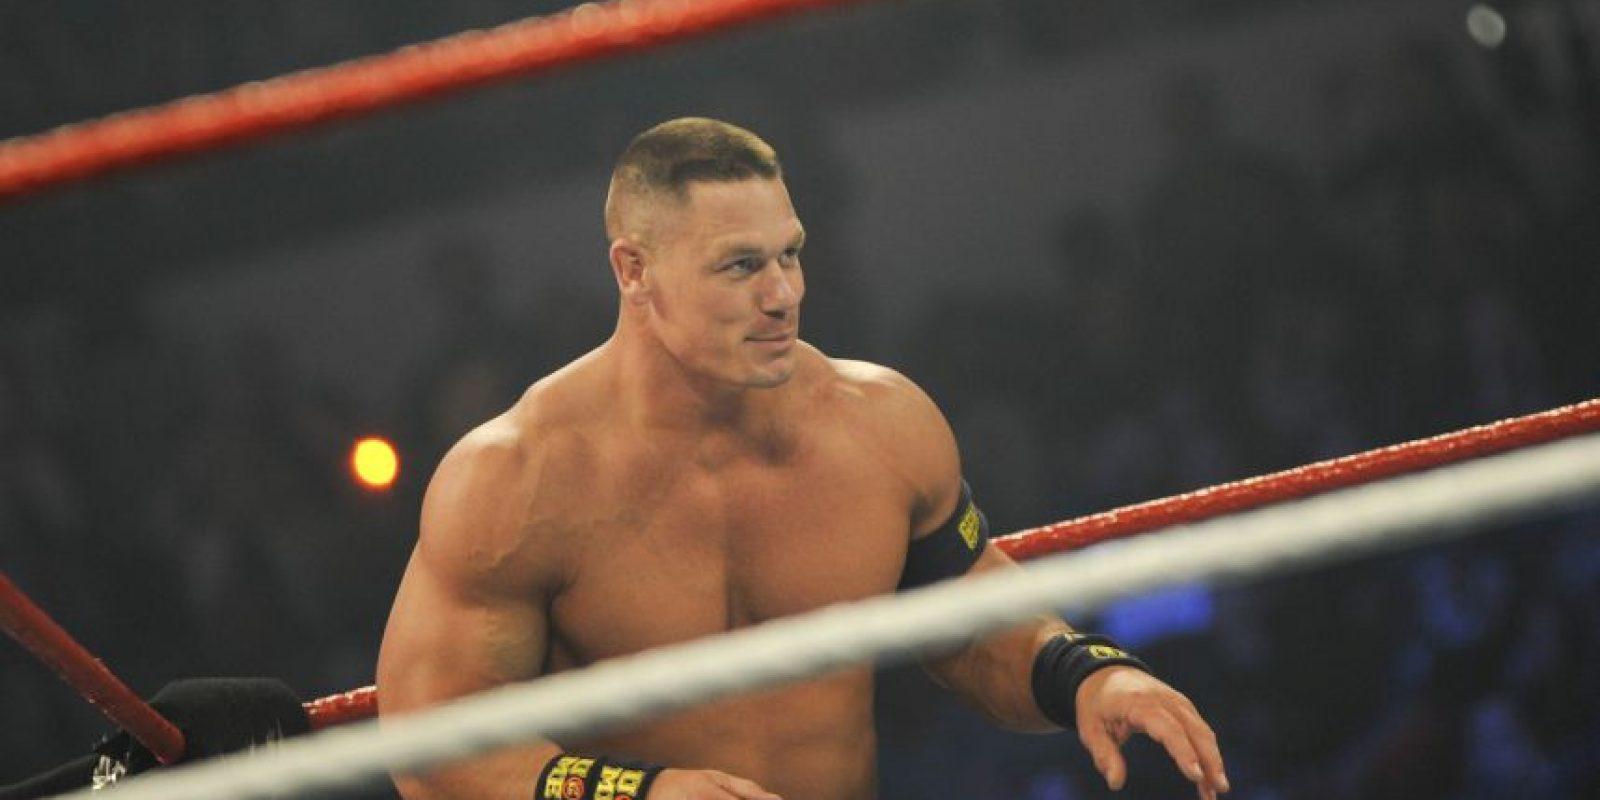 Tiene 15 títulos mundiales, 12 veces Campeón de la WWE, y 3 veces Campeón Mundial de Peso Pesados. Foto:Getty Images